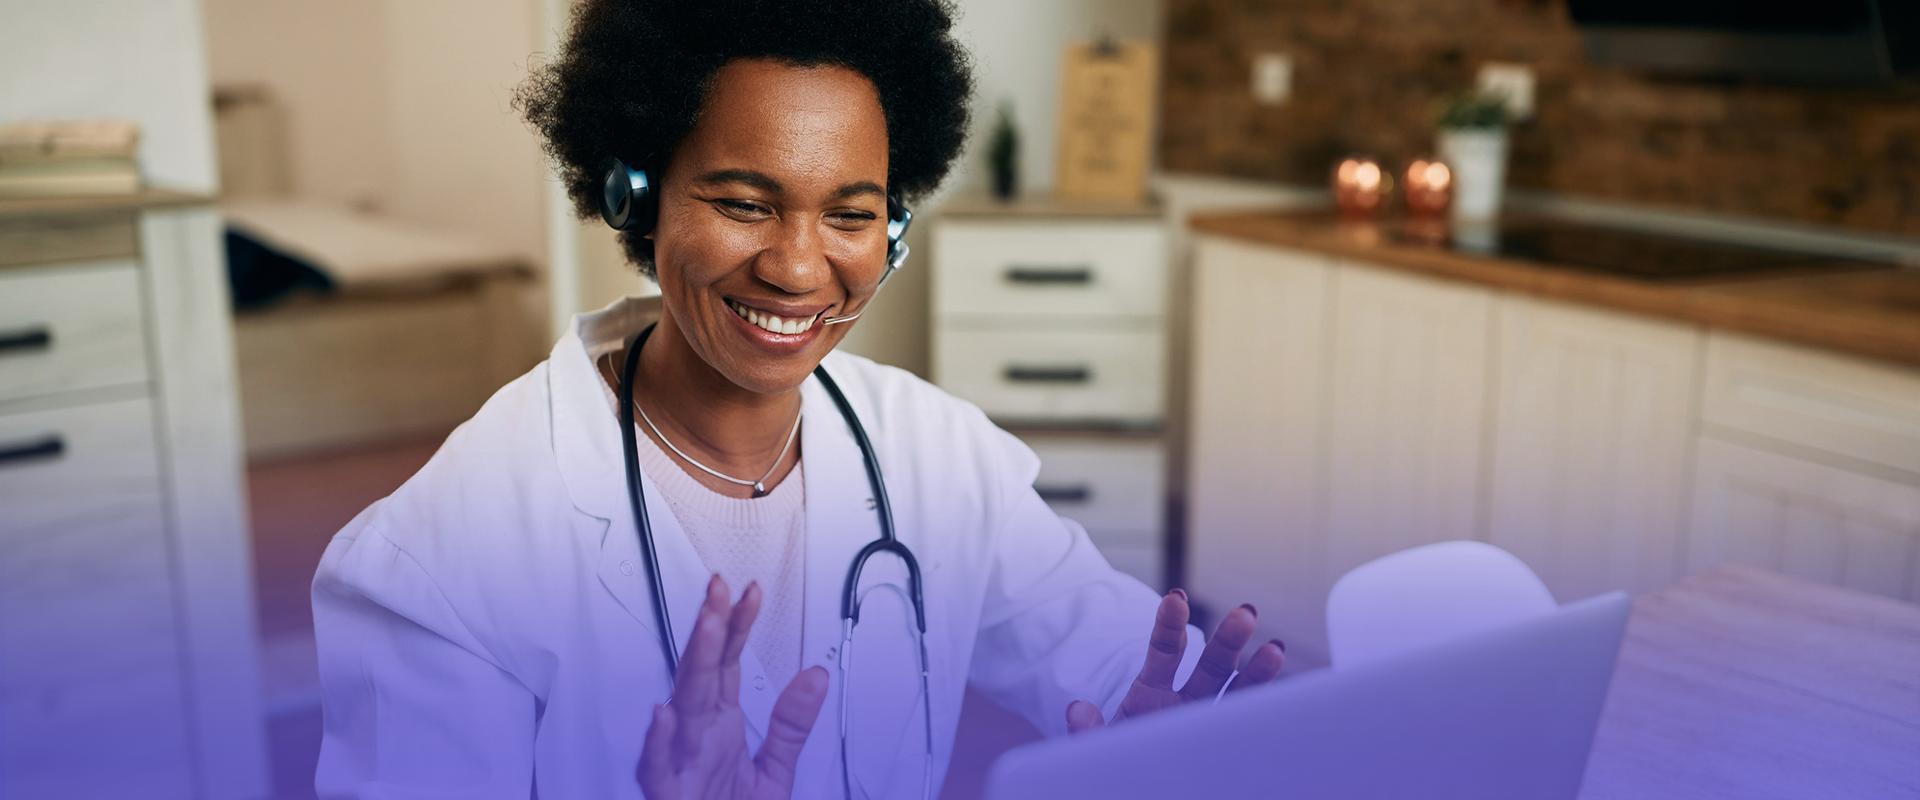 Teleconsulta: Como interagir melhor com o paciente no ambiente virtual